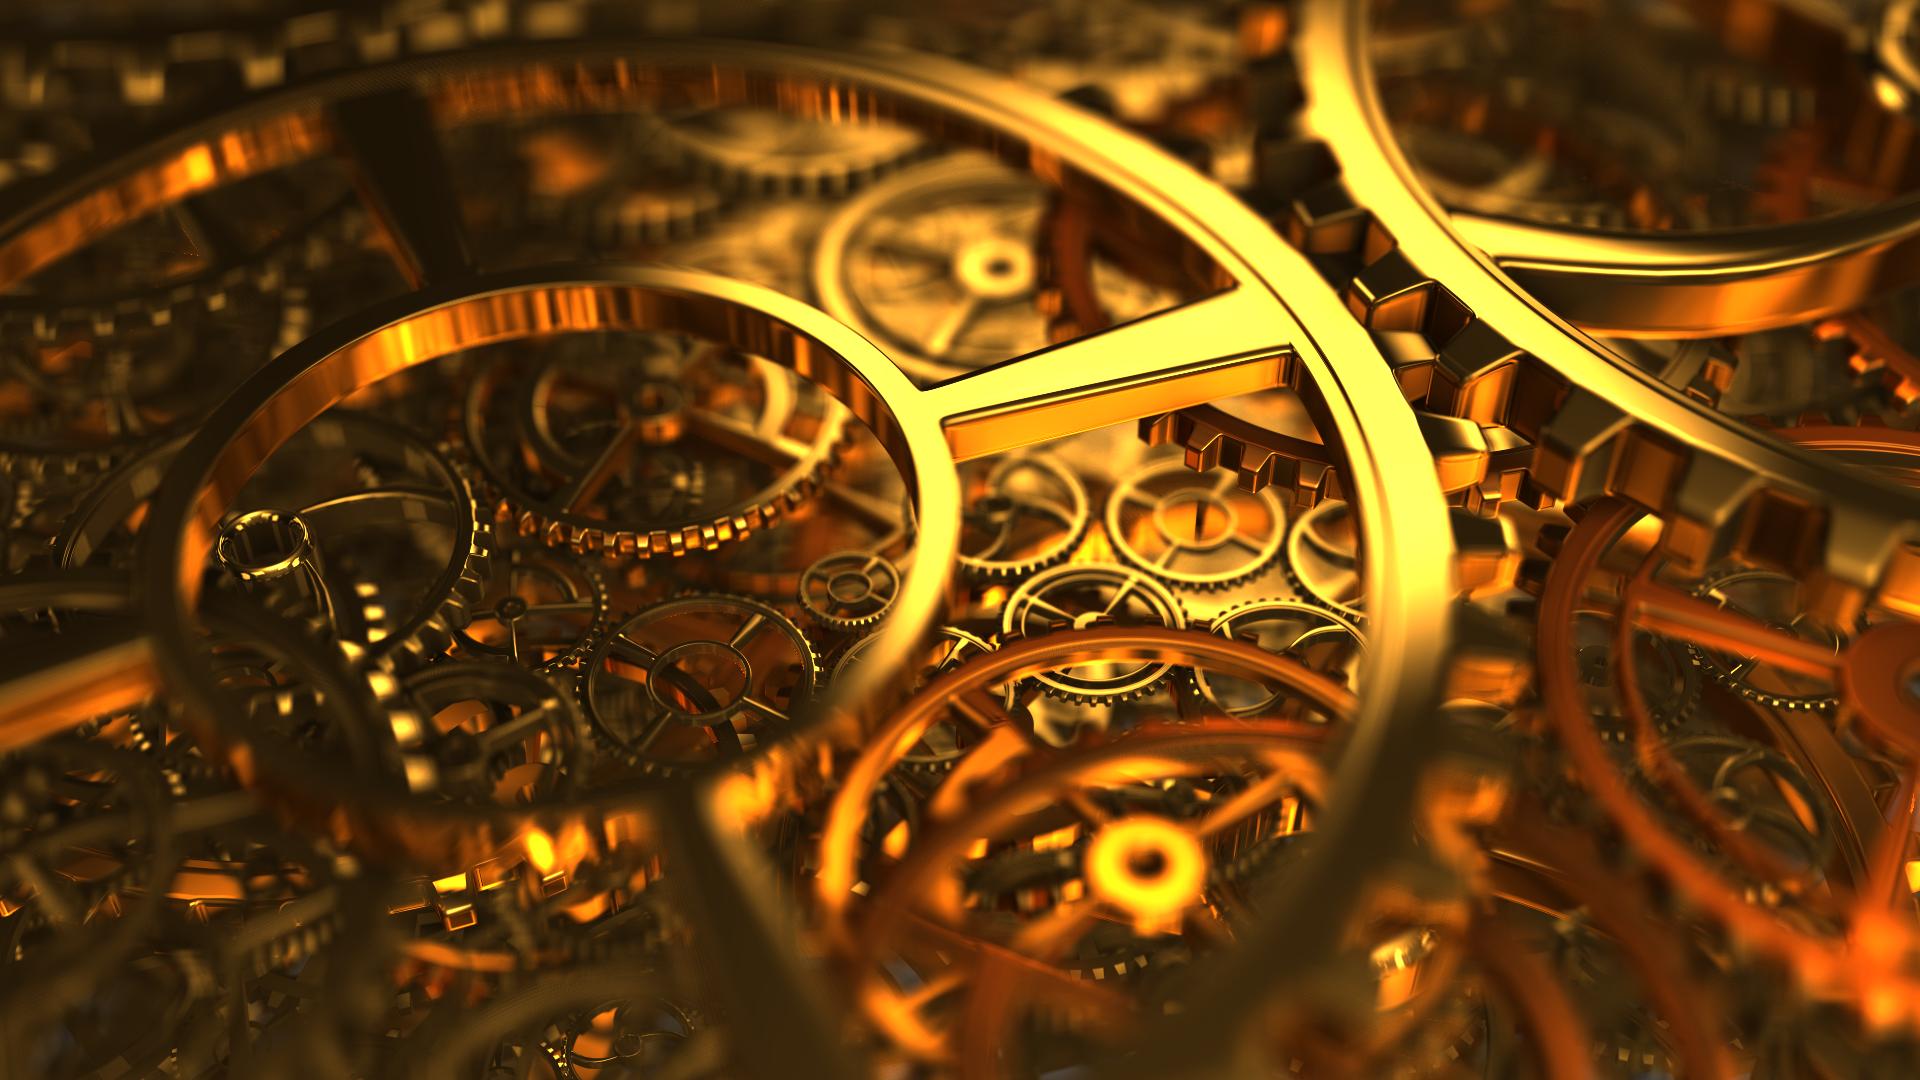 картинка для тизера часы движение освобождение